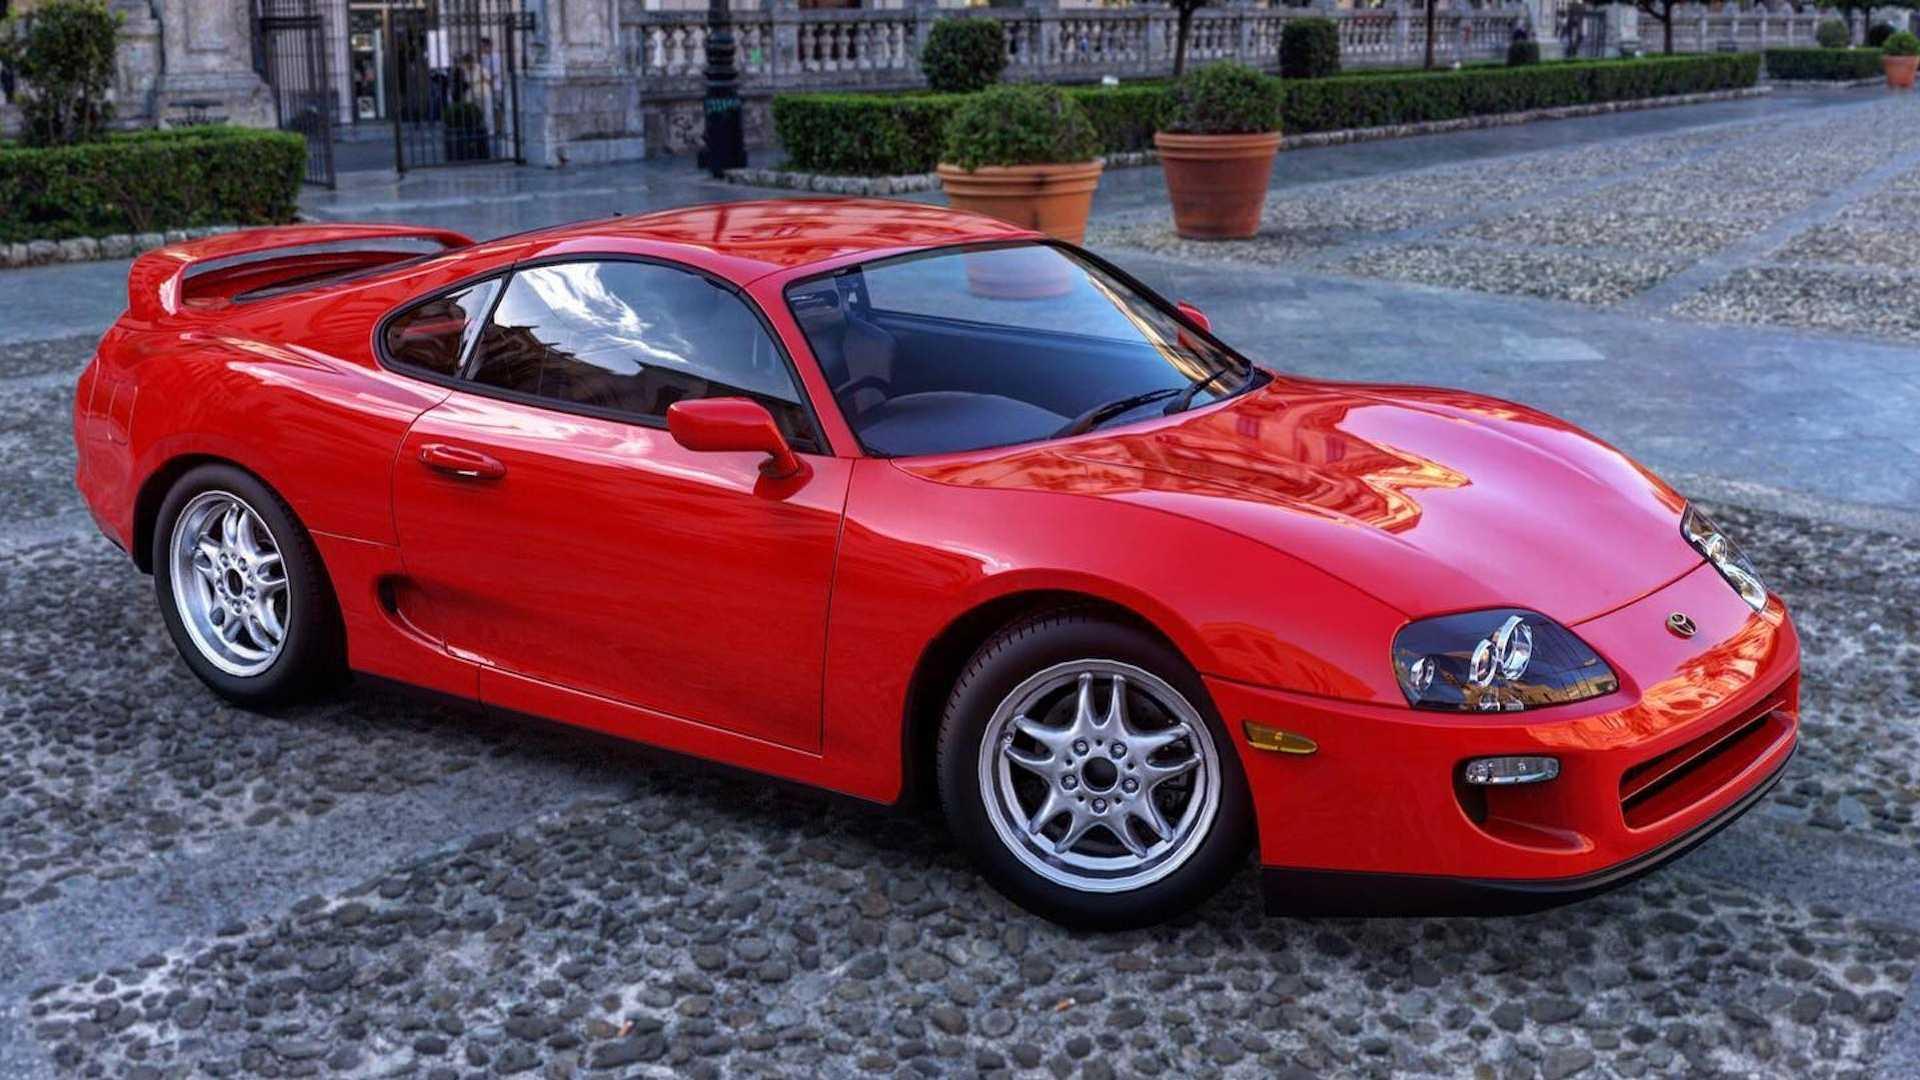 Kelebihan Toyota Supra 1996 Top Model Tahun Ini